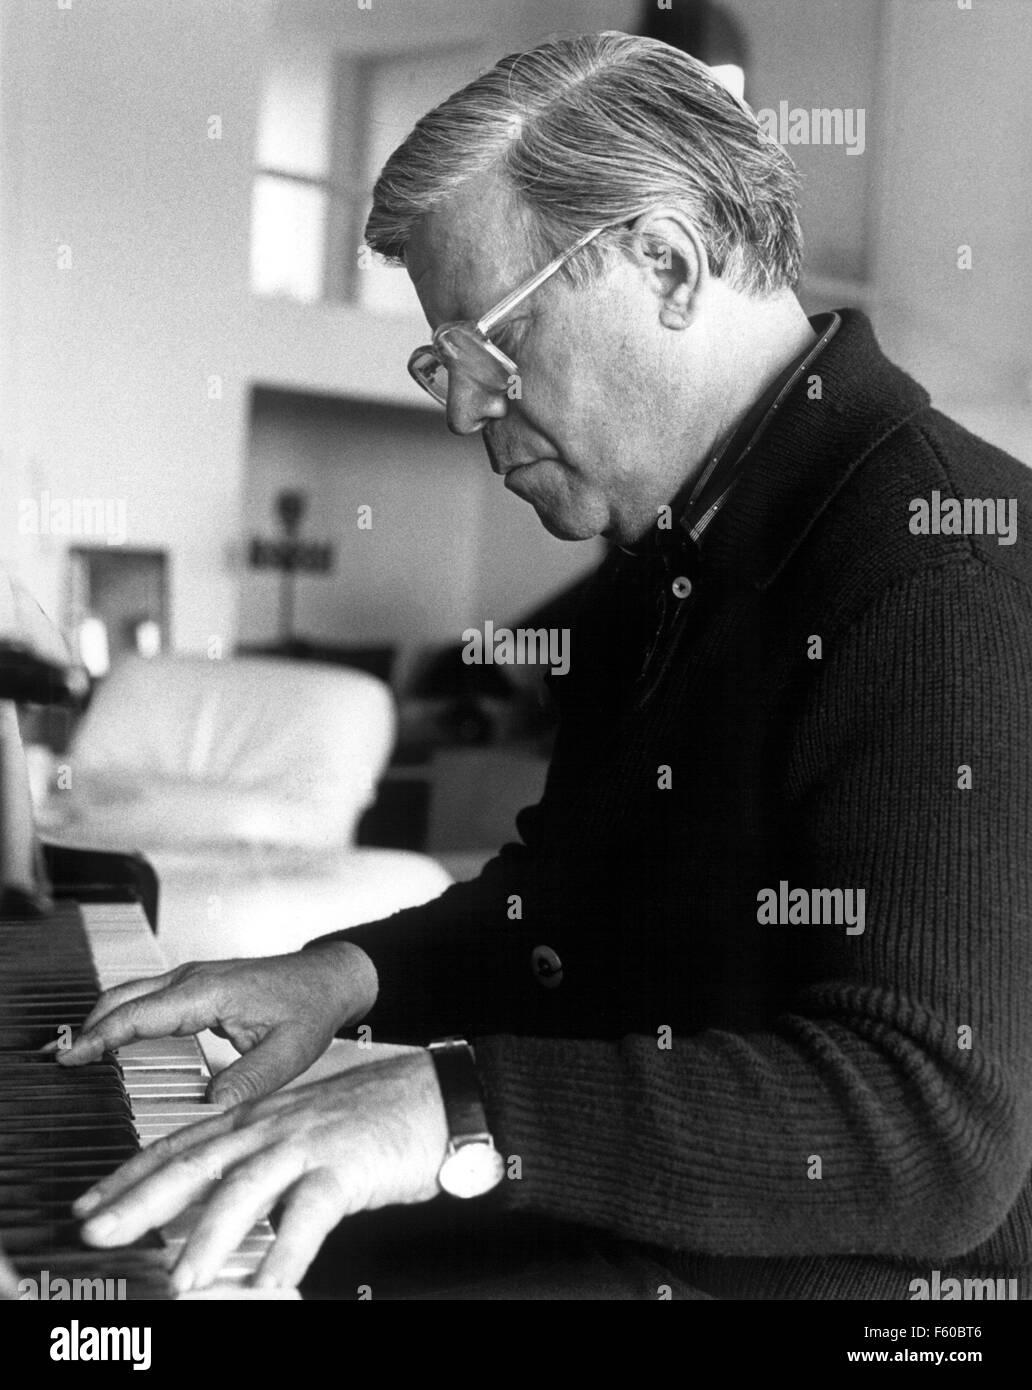 Le chancelier Helmut Schmidt (SPD) joue du piano pendant ses vacances à Gran Canaria, le 6 janvier 1981. Banque D'Images